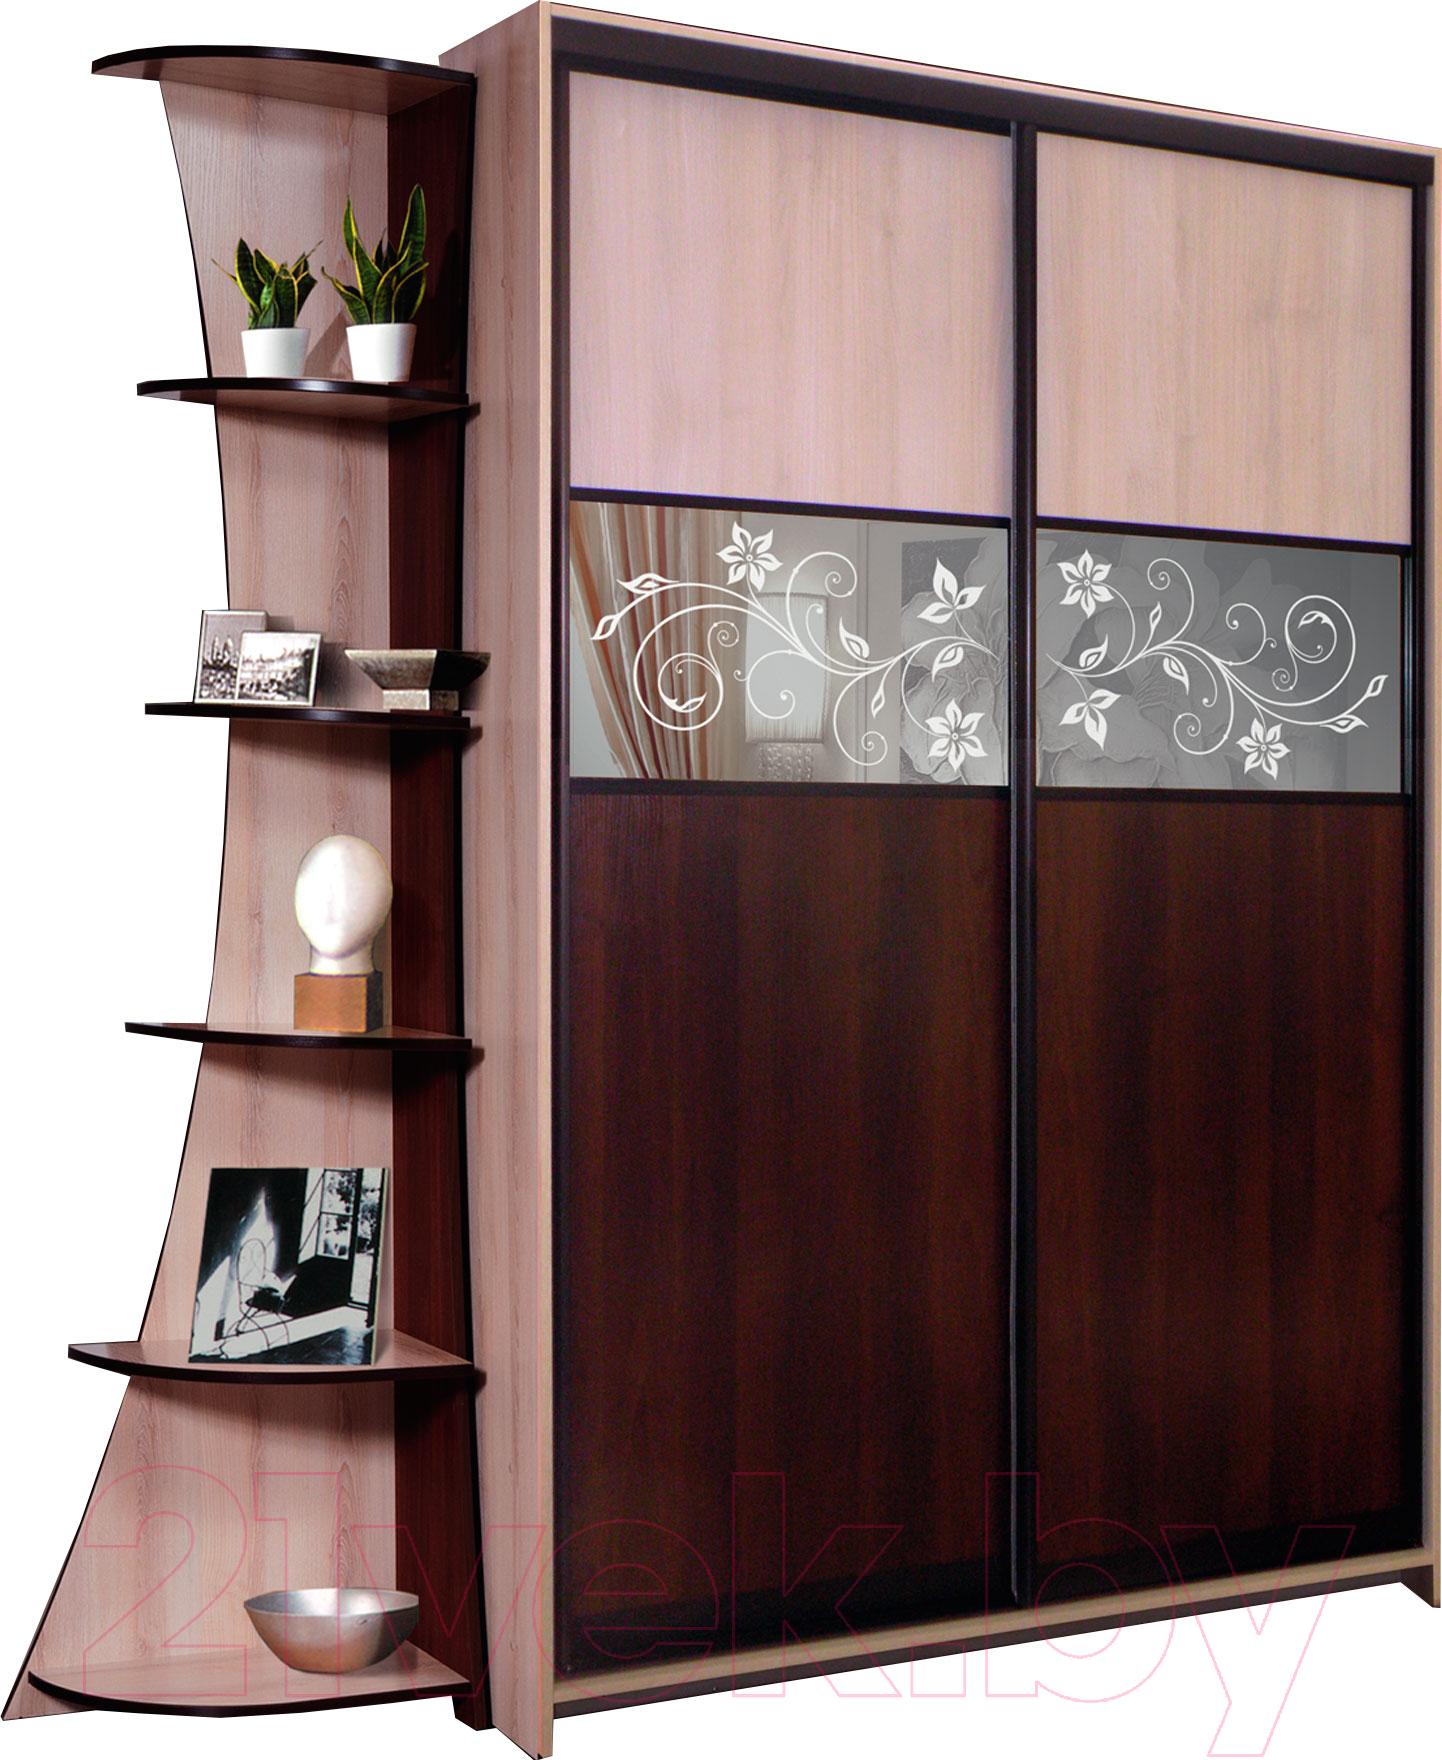 Купить Шкаф Мебель-КМК, Магия-Купе 0443 (дуб шамони/орех шоколад), Беларусь